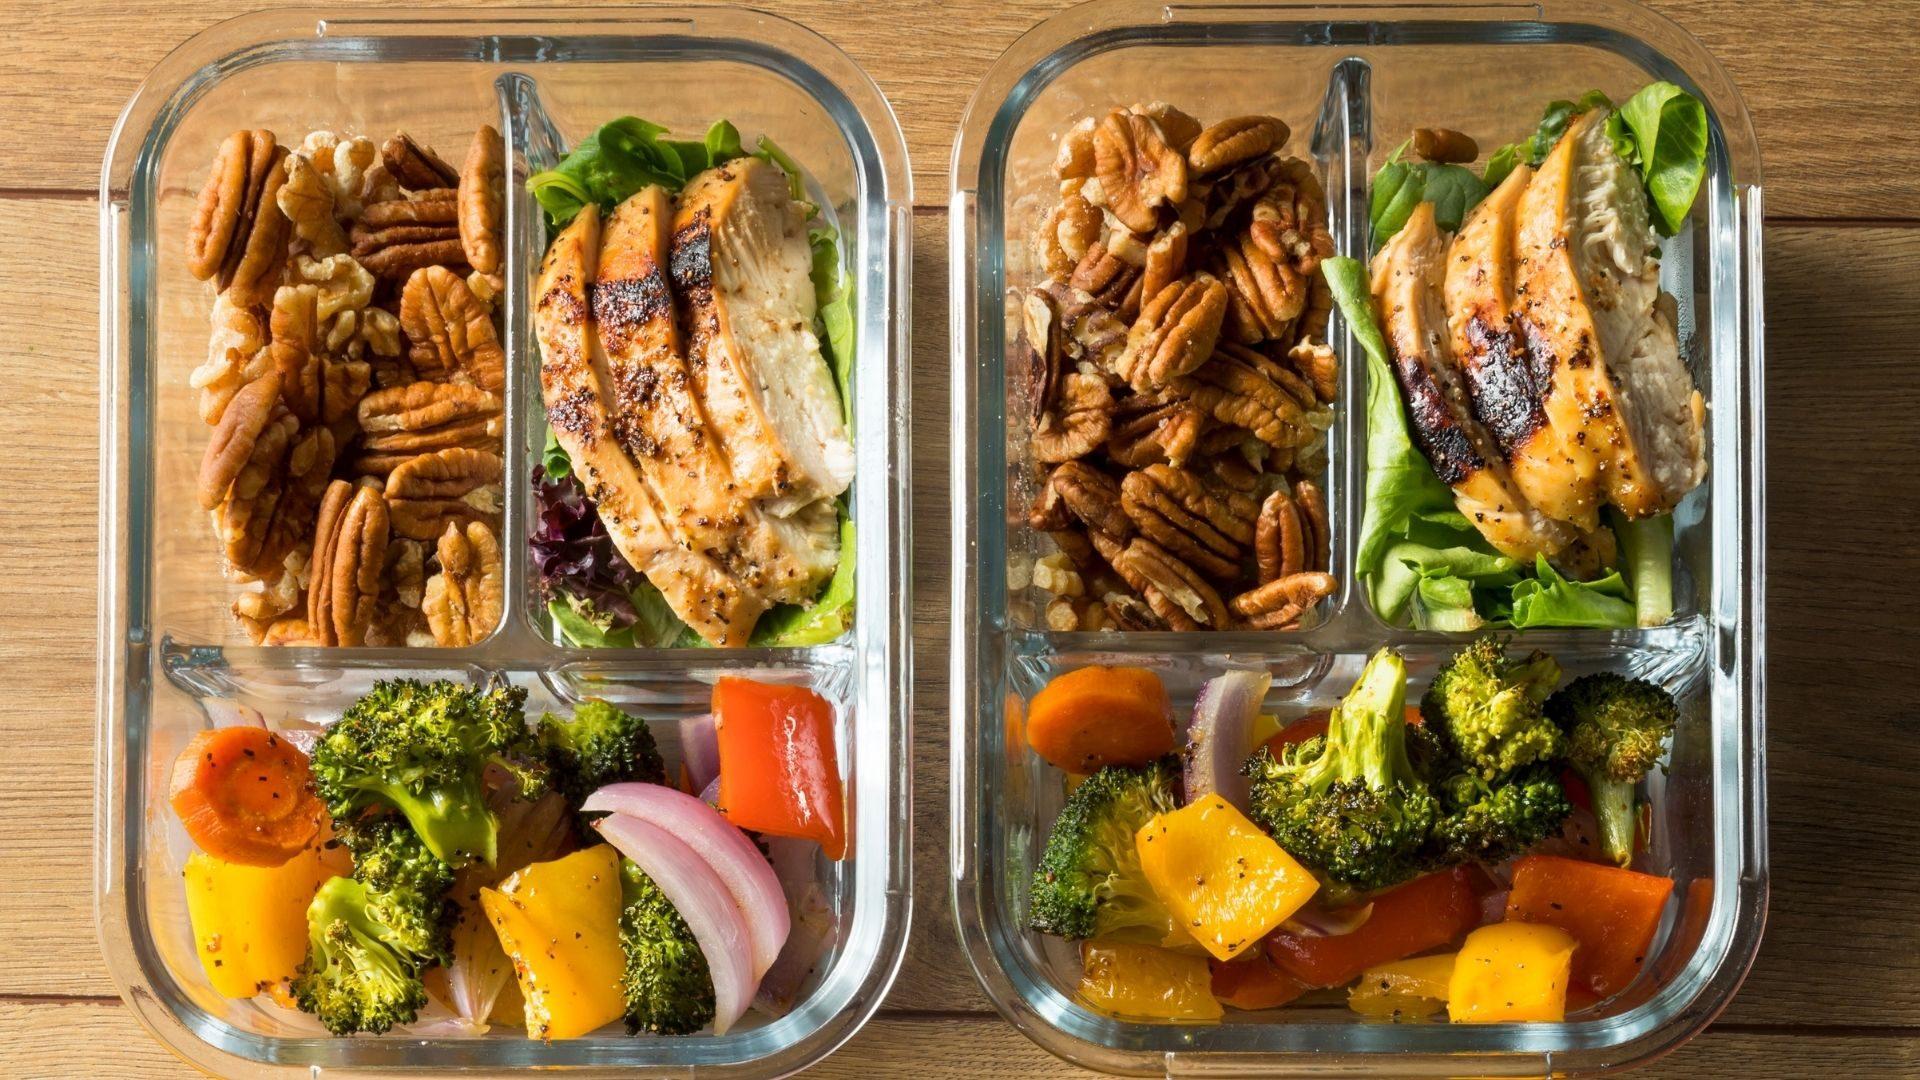 Hvordan sett sammen sunne måltider helt enkelt